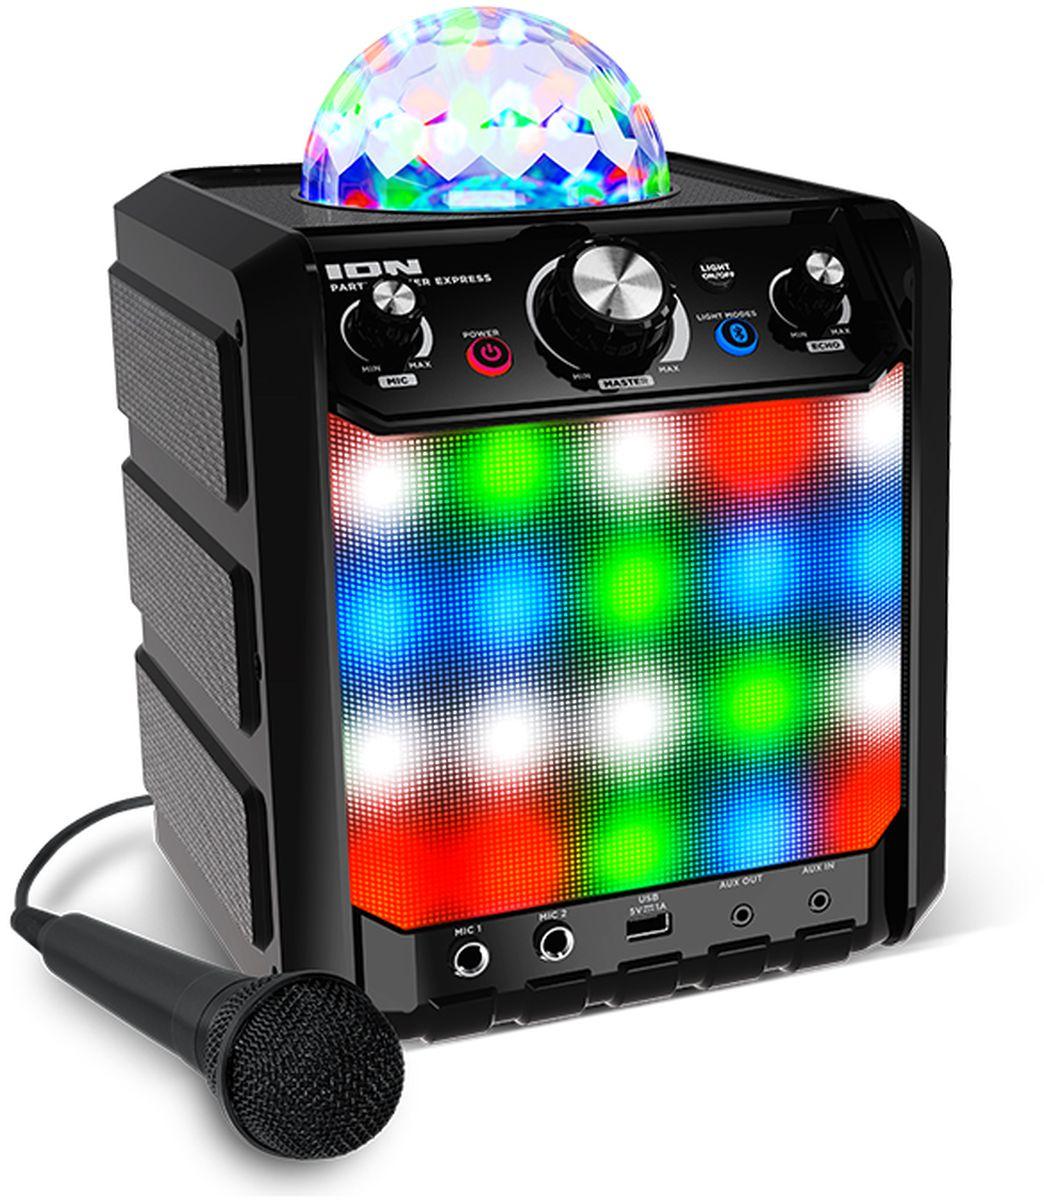 ION Party Rocker Express, Black портативная акустическая системаIONprexЦелый праздник заключен в компактный корпус Party Rocker Express. Мощный 4х-дюймовый динамик разгоняется до 40Вт. Светодинамический купол и светодиодный гриль раскрасят вашу вечеринку яркими цветами. Вы можете слушать музыку со своего смартфона, используя Bluetooth, или подключиться к линейному входу Aux. Цветомузыка купола использует Красный, Зеленый и Синий цвета, а светодиодный гриль использует всю цветовую гамму и танцует вместе с вами. Все это создает незабываемые эффекты. В комплект входит высококачественный динамический микрофон. Party Rocker Express имеет настраиваемый ЭХО-эффект и два микрофонных входа, - все что нужно для караоке. Может работать от батареек.Как выбрать портативную колонку. Статья OZON Гид